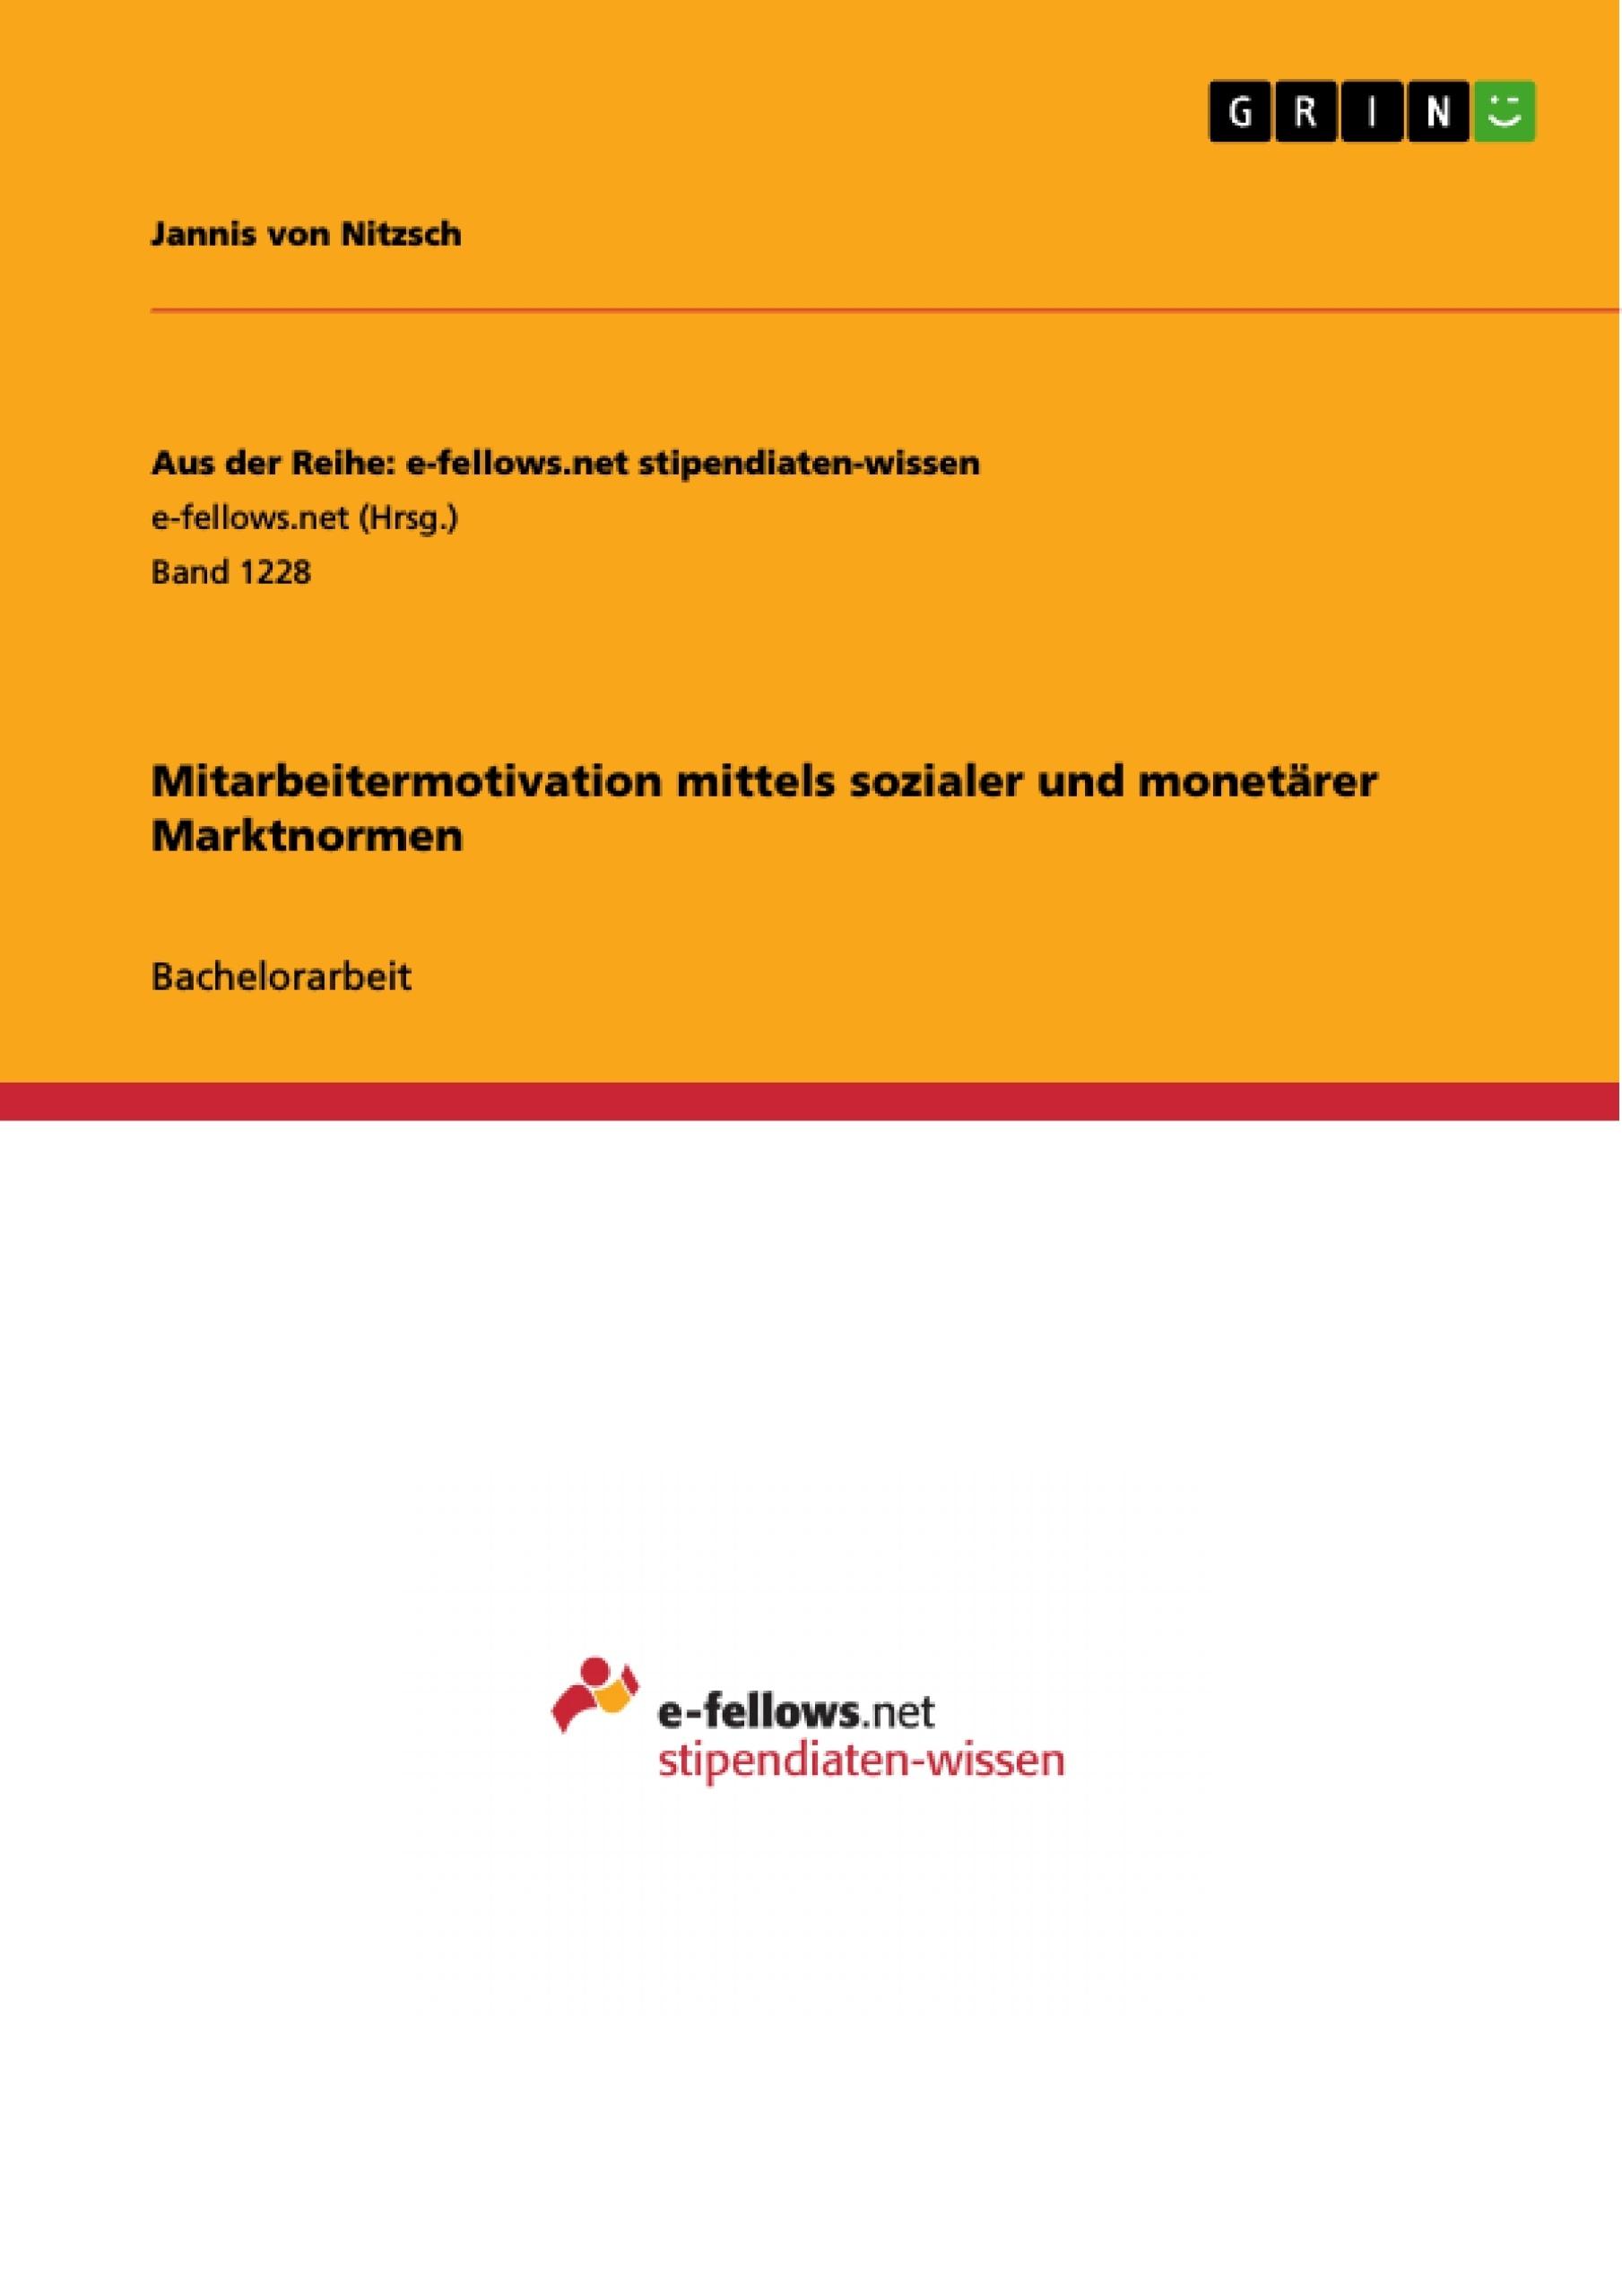 Mitarbeitermotivation bachelorarbeit pdf beispiel bachelorarbeit systematischer review